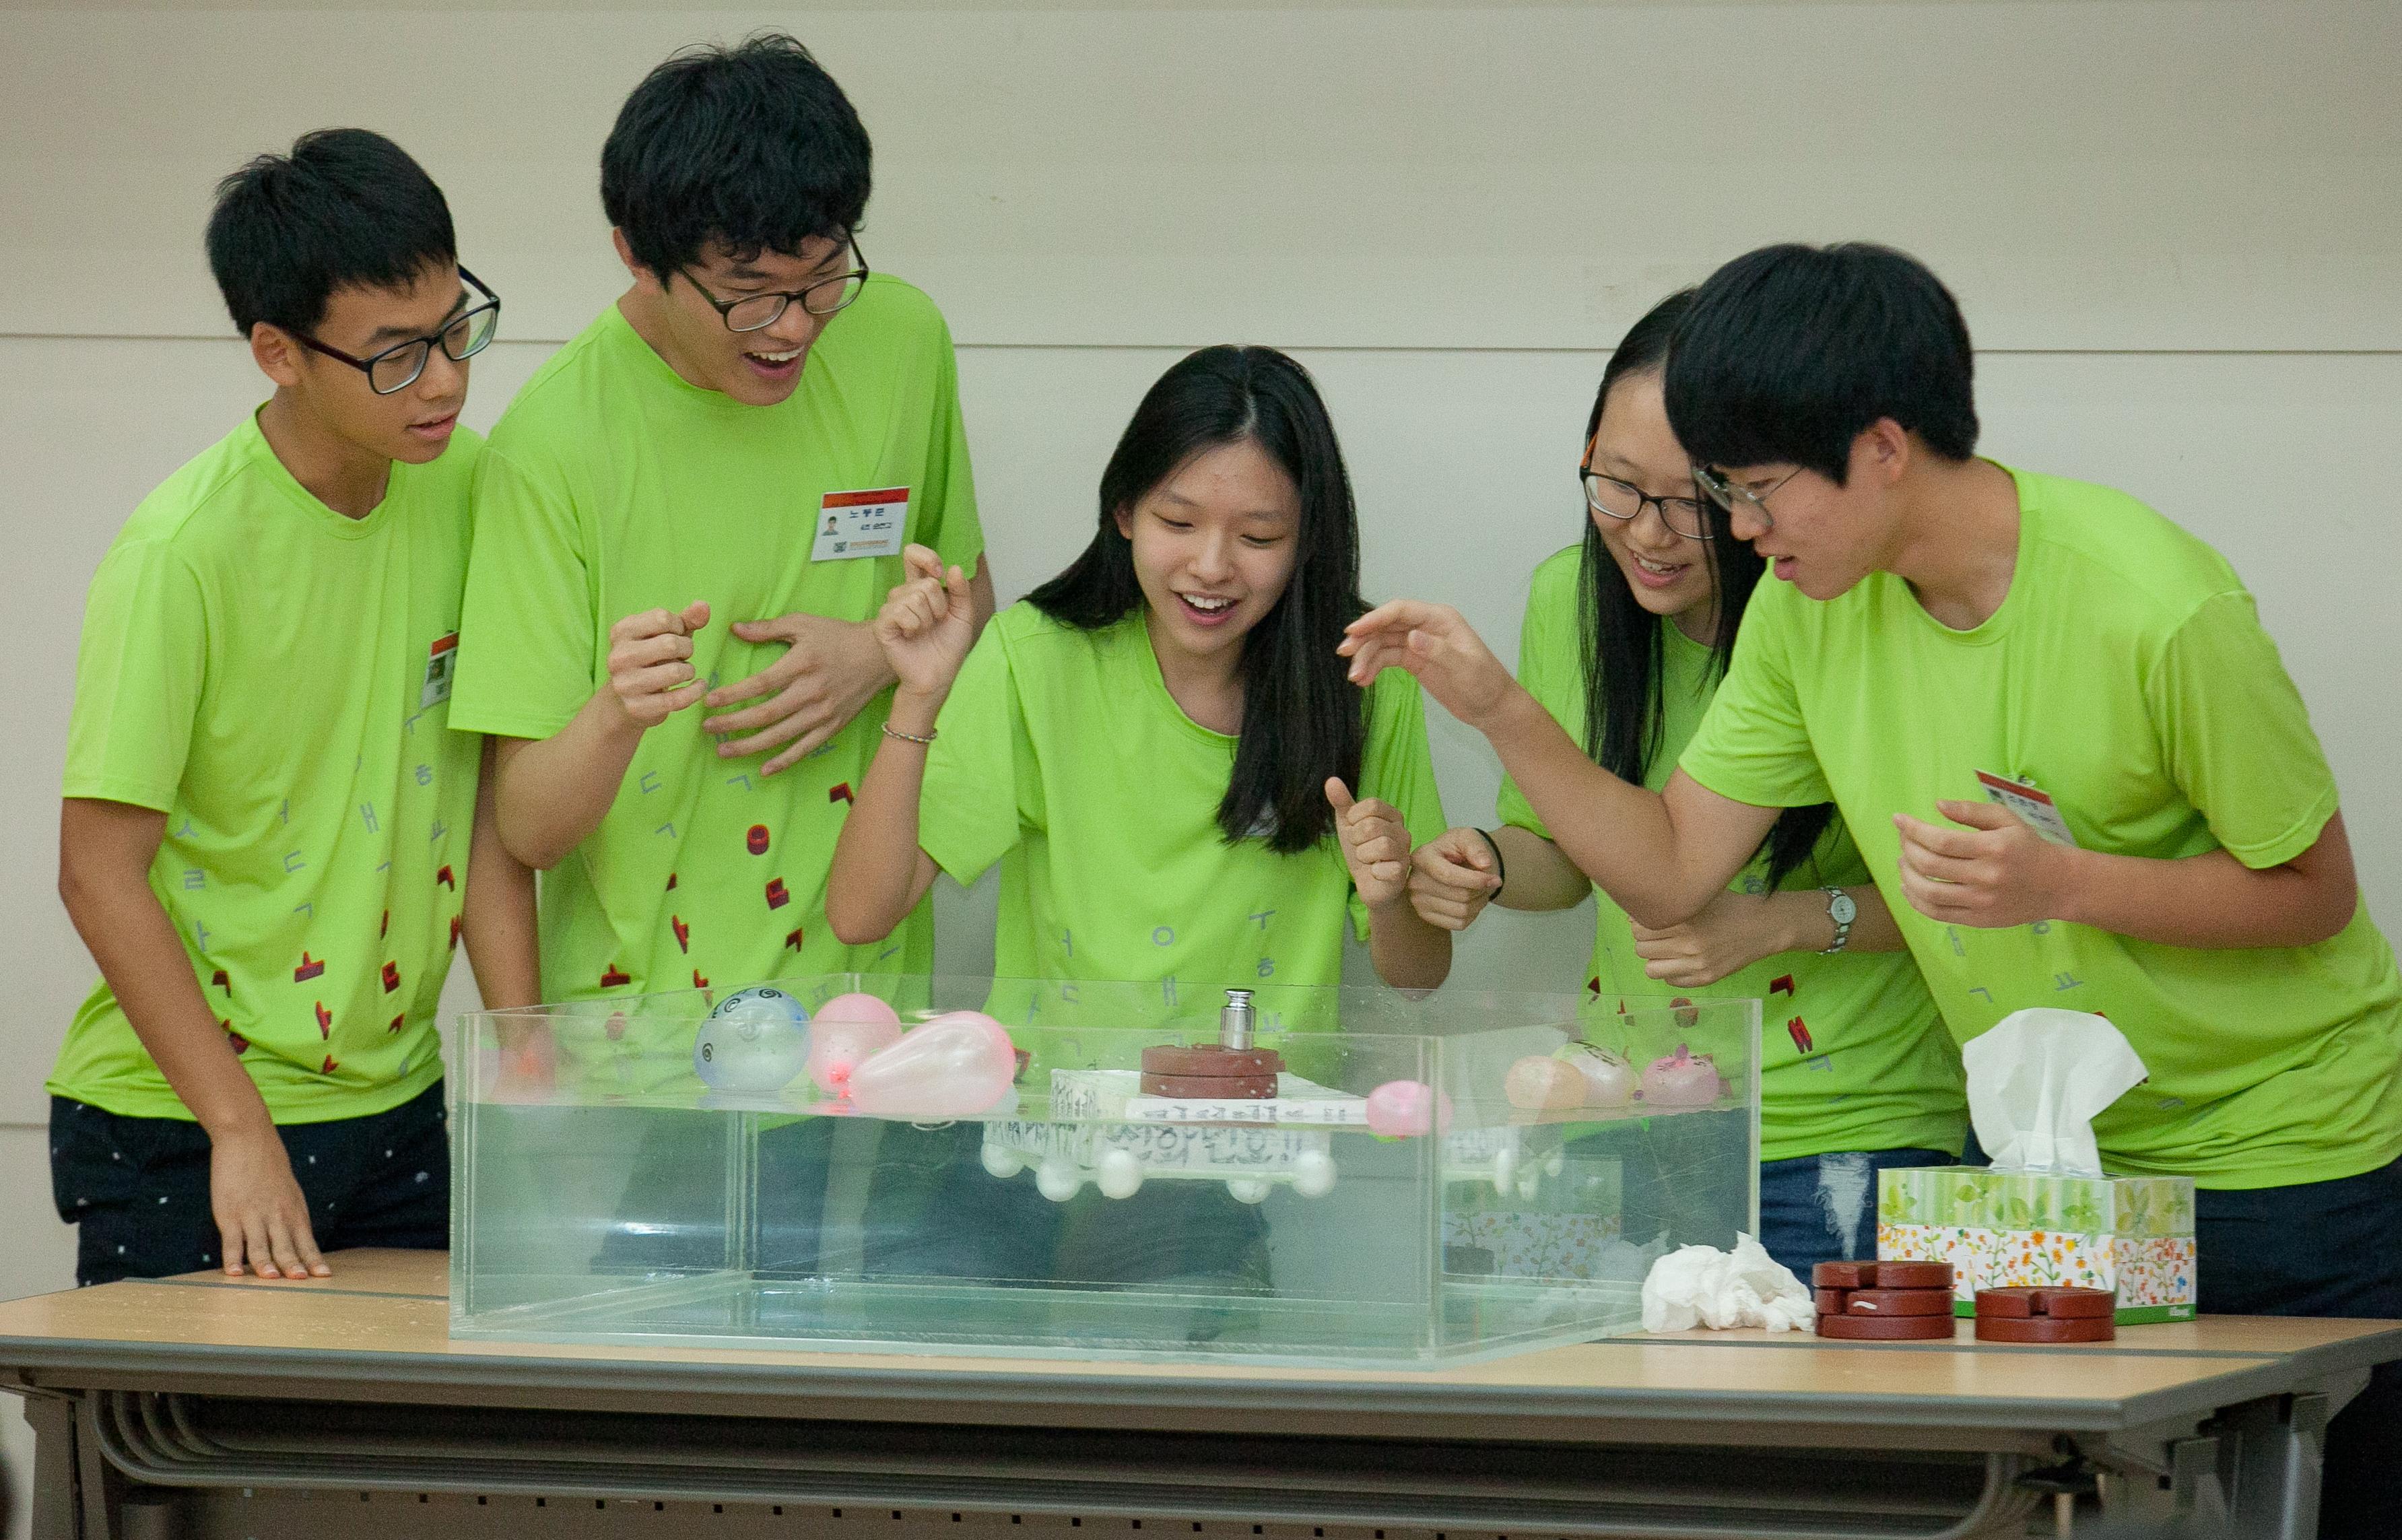 청소년 공학 프론티어 캠프에 참가한 학생들의 모습